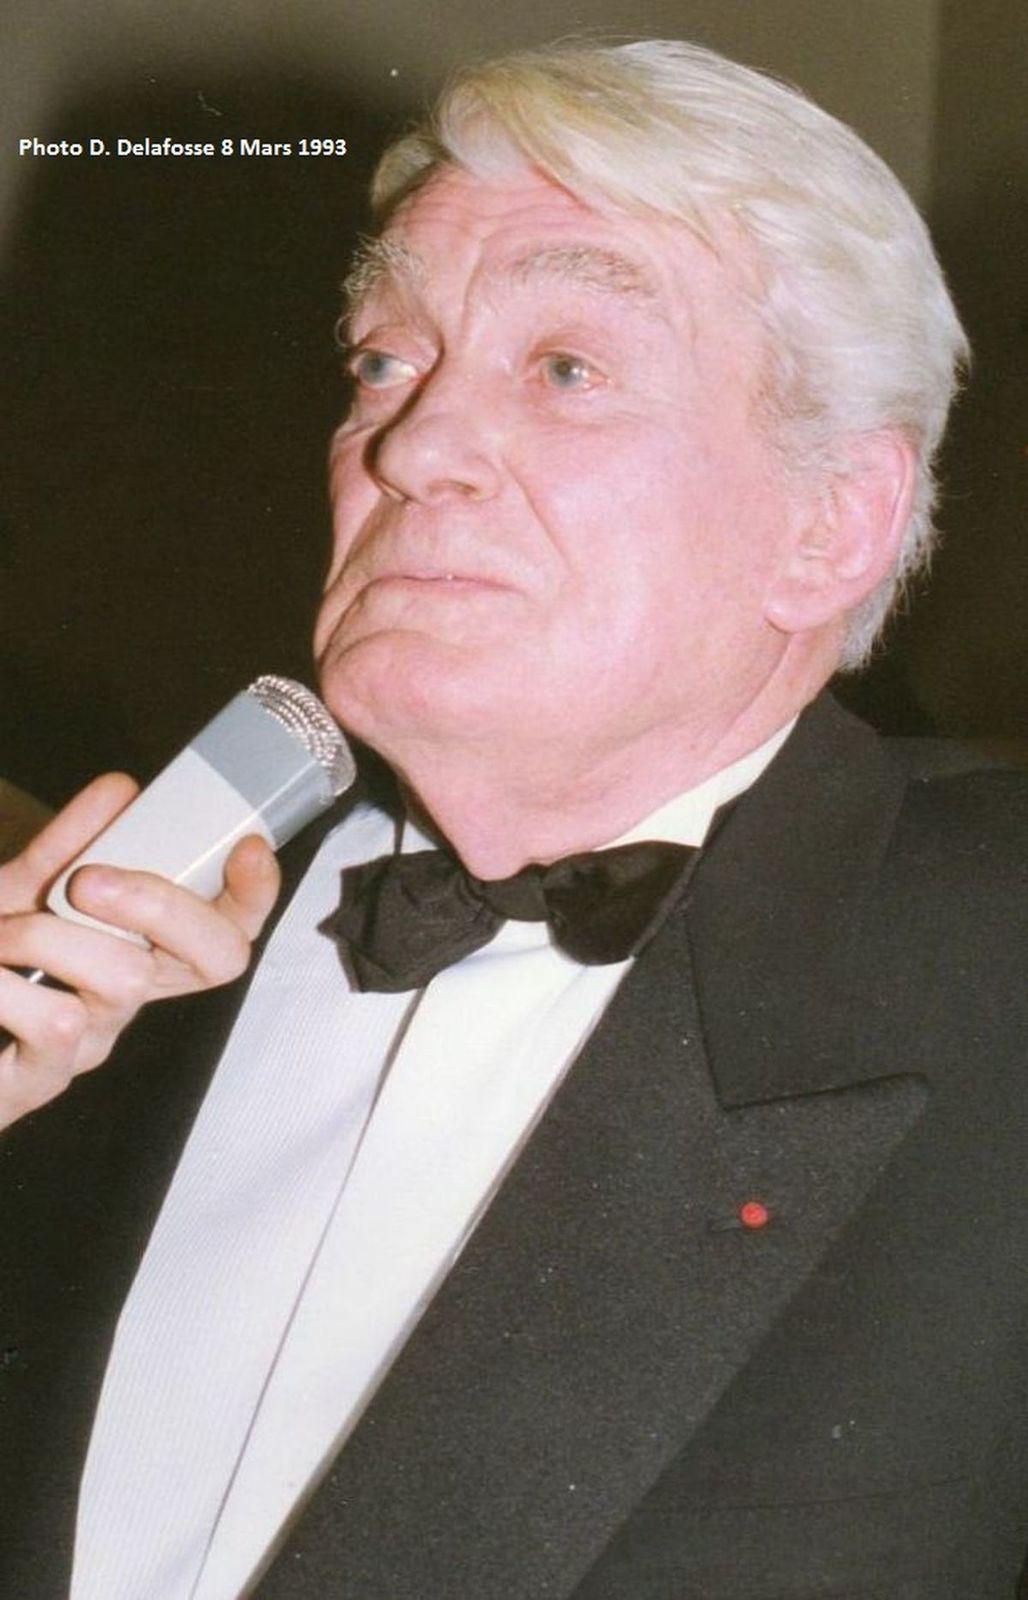 Jean Marais a reçu un César d'Honneur, pour son impressionnante carrière, sous le flash de l'Halluinois Daniel Delafosse,  présent dans les coulisses, à la 18ème Nuit des César 1993.